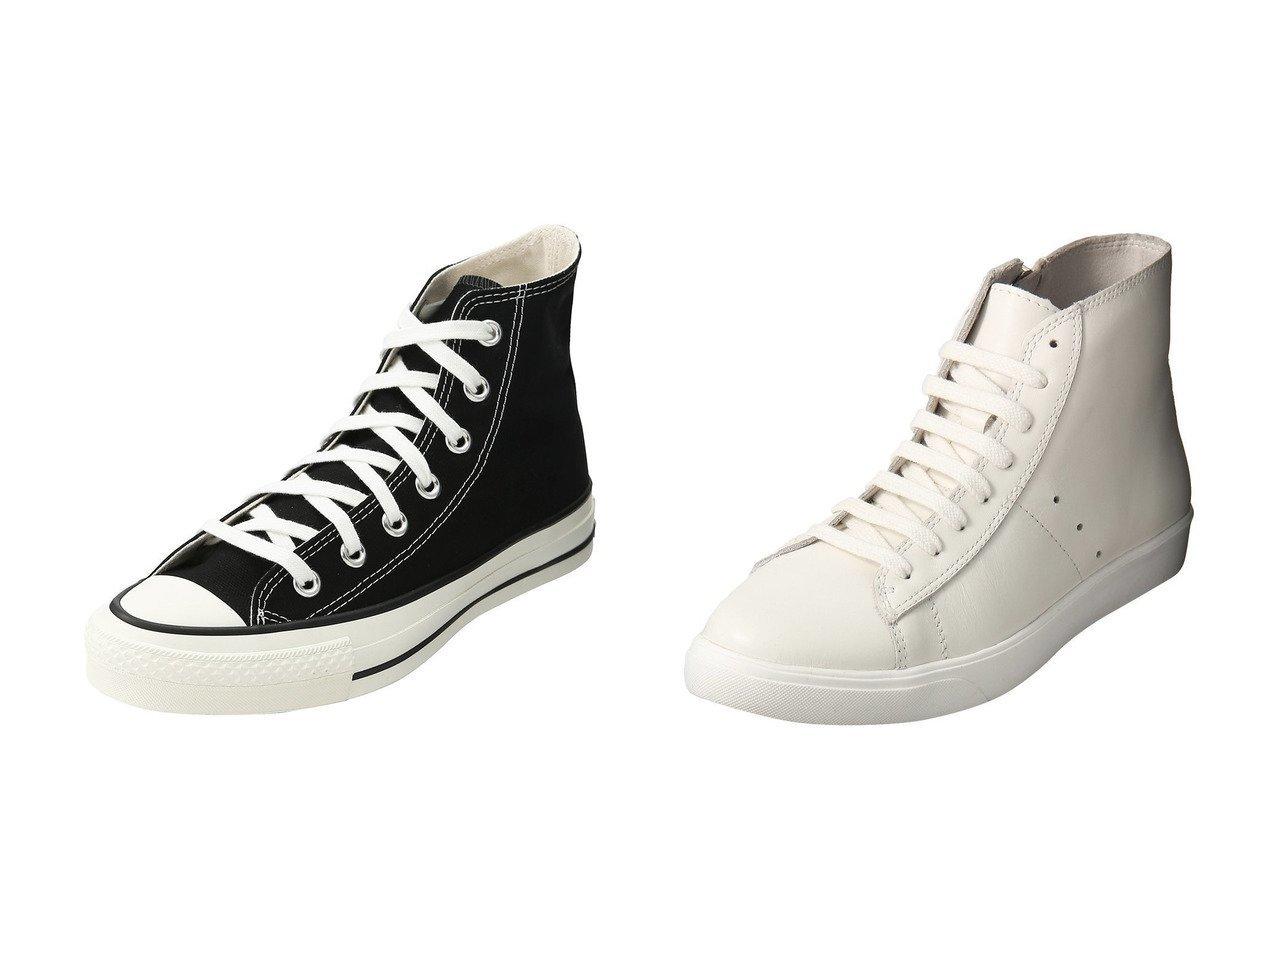 【Esmeralda/エスメラルダ】の【mio notis】ハイカットスニーカー&【1er Arrondissement/プルミエ アロンディスモン】の【CONVERSE】ALL STAR CANVAS HI シューズ・靴のおすすめ!人気、レディースファッションの通販  おすすめで人気のファッション通販商品 インテリア・家具・キッズファッション・メンズファッション・レディースファッション・服の通販 founy(ファニー) https://founy.com/ ファッション Fashion レディース WOMEN スニーカー フェミニン ベーシック 人気 定番 サイドジップ シンプル パイソン |ID:crp329100000000102